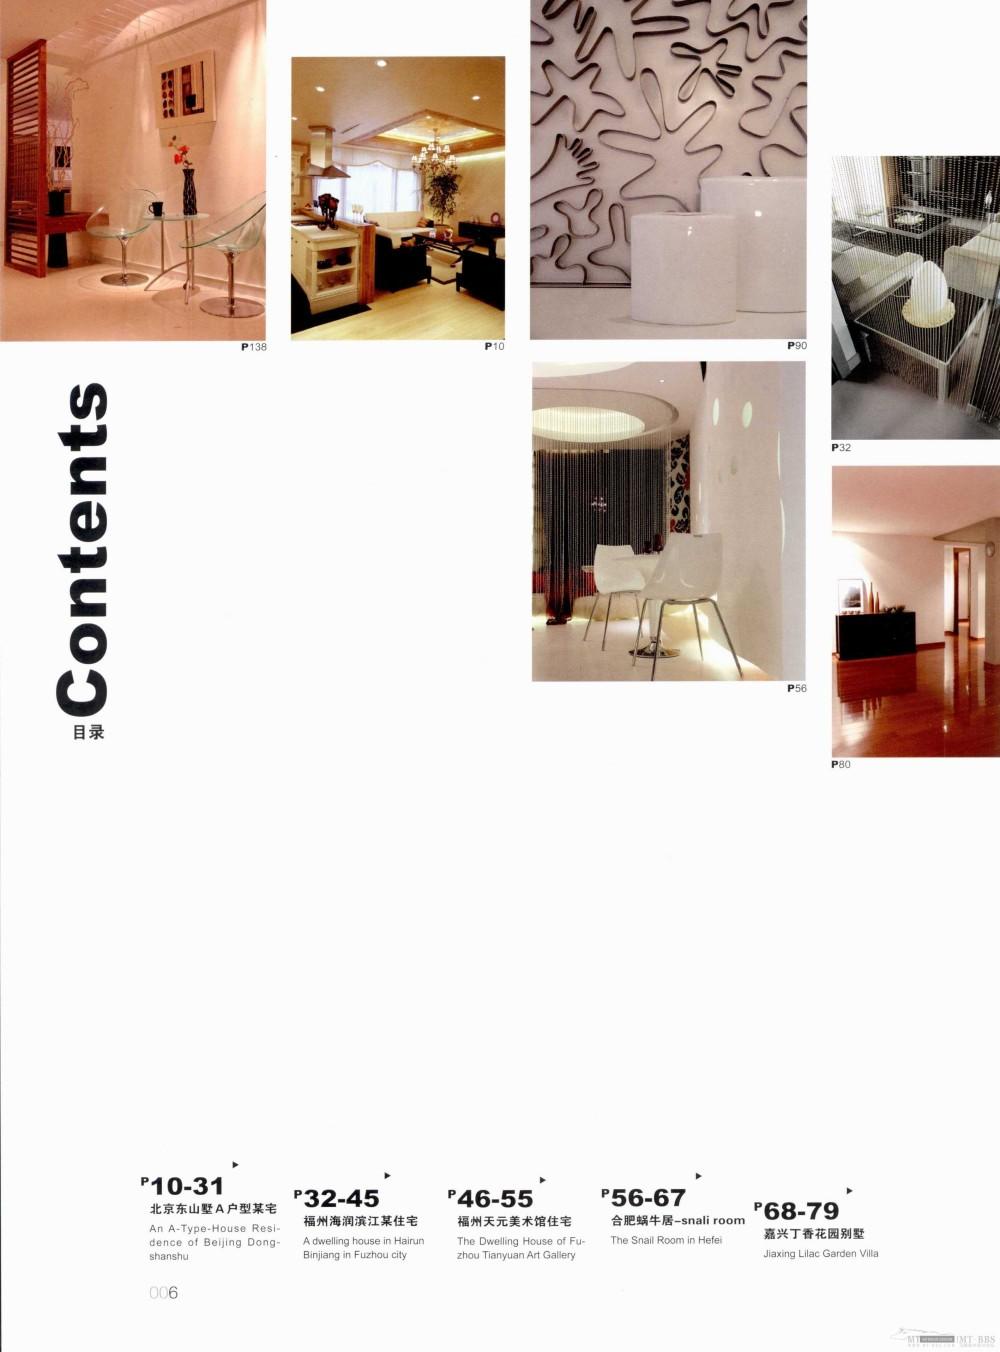 17本家装图册,已传完。_4 细部-个性家居_页面_002.jpg